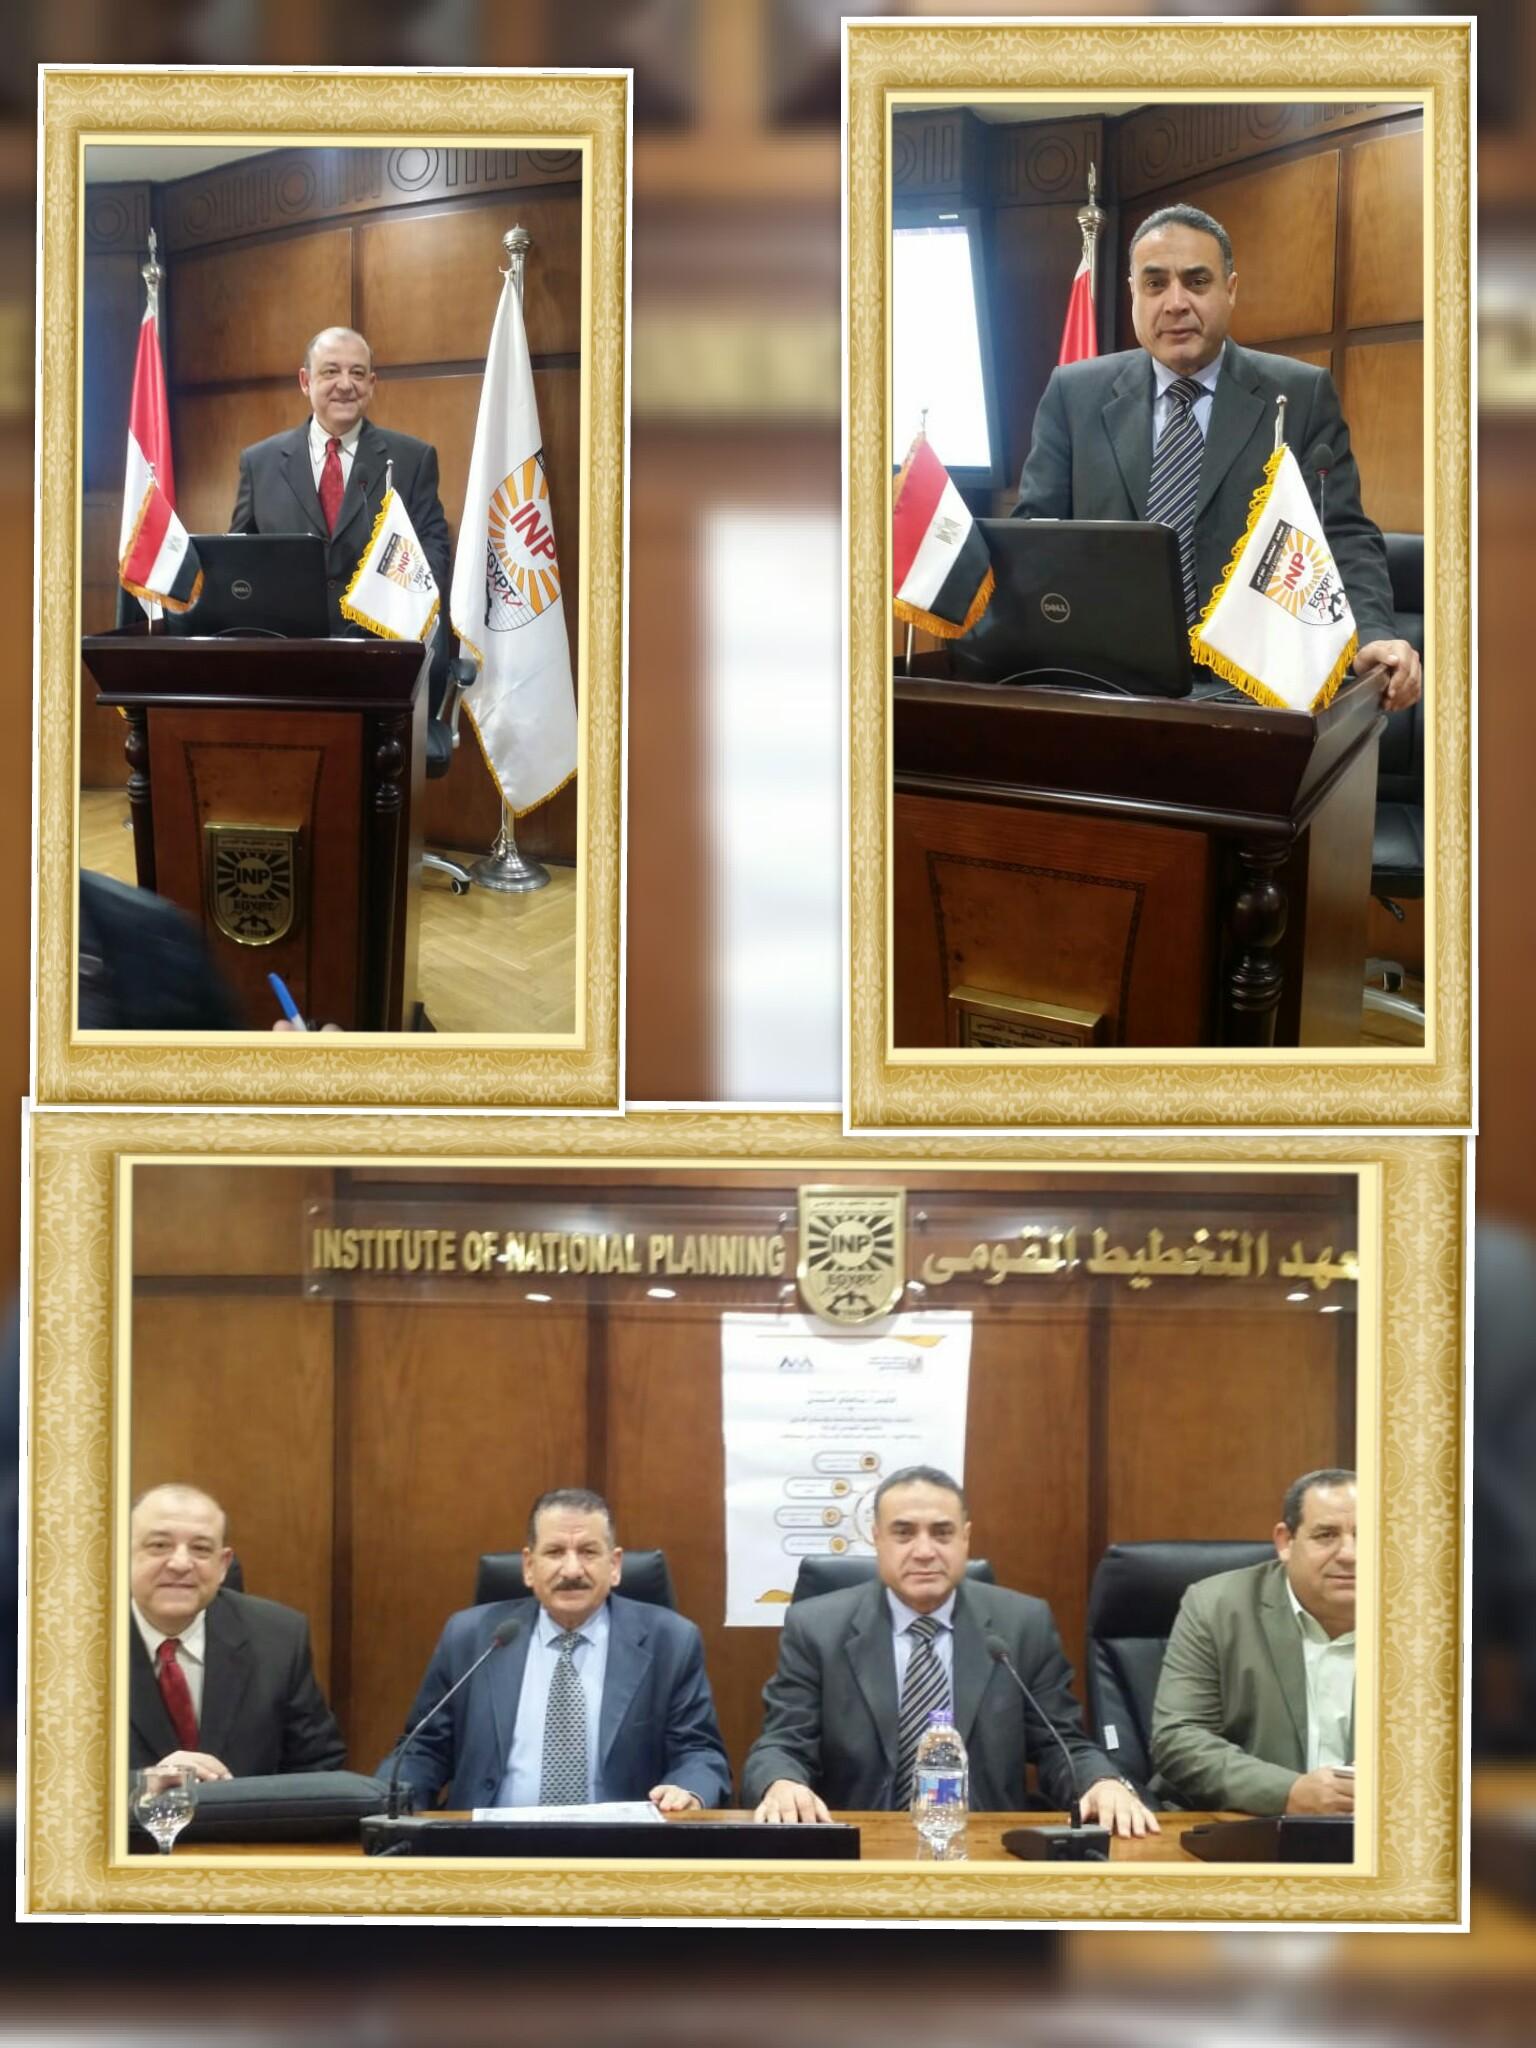 اجتماعات جائزة التميز للمؤسسات الحكومية بالمعهد القومى للتخطيط